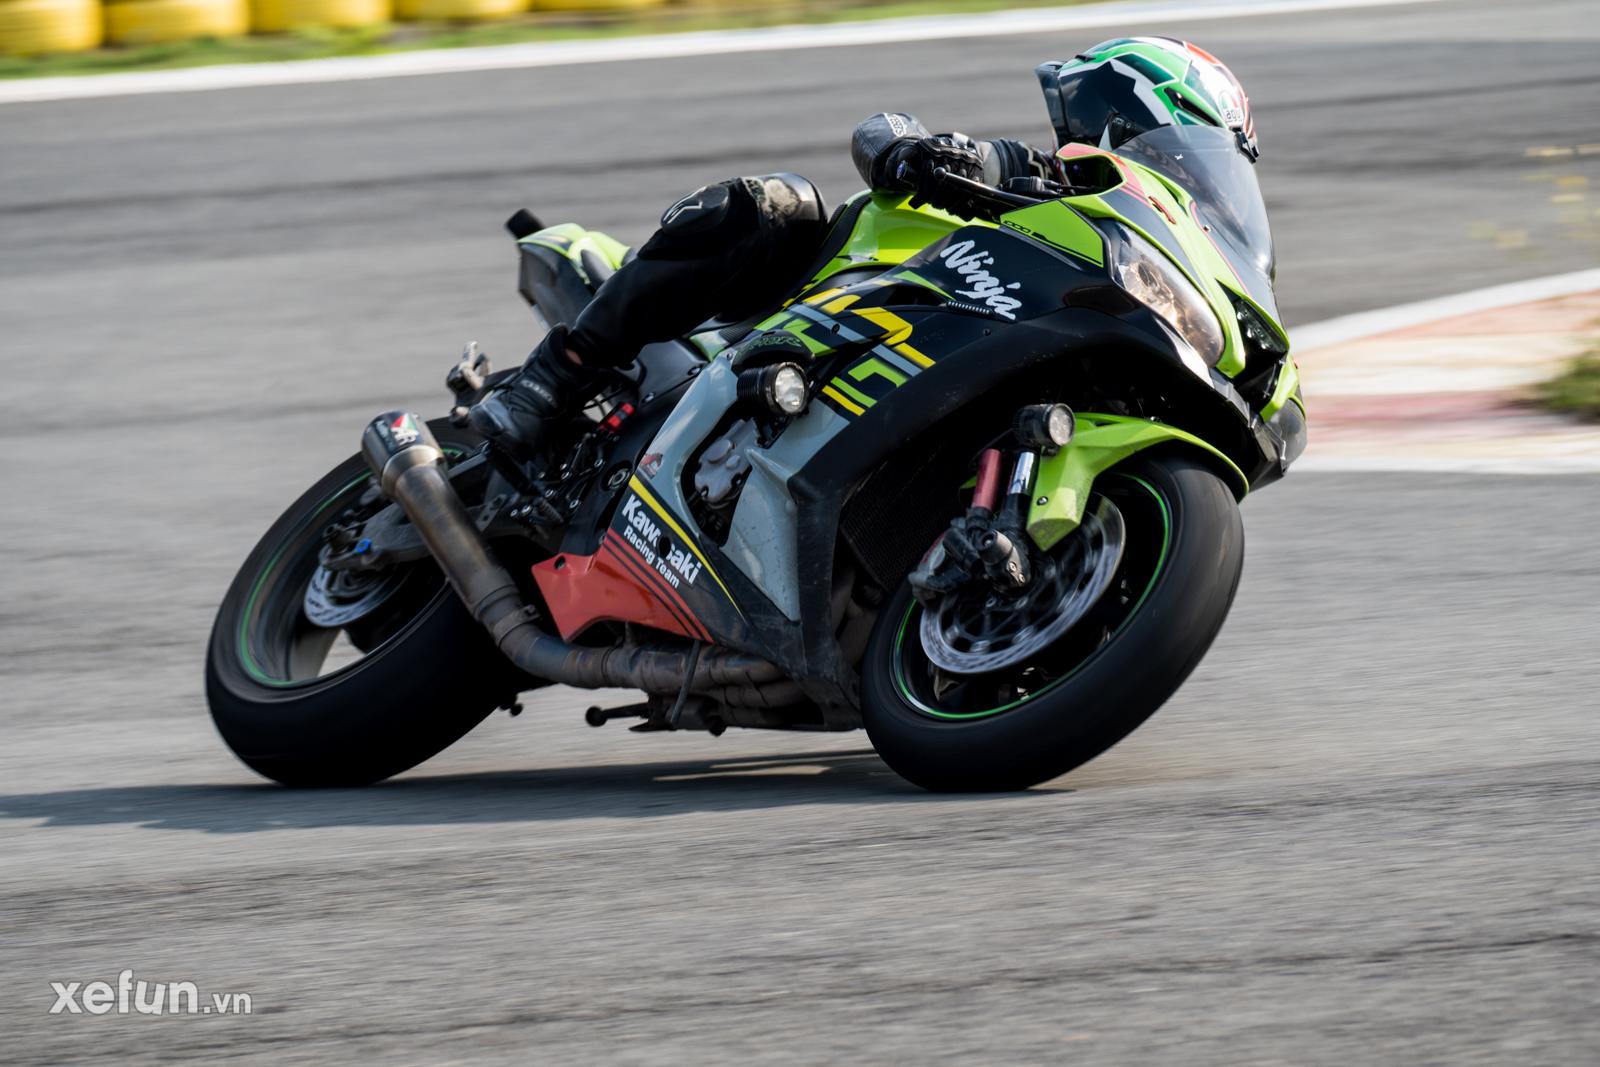 Các tay đua nài xe phân khối lớn PKL BMW S1000RR Ducati Monster Kawasaki Ninja ZX10R tại Trường đua Đại Nam trên Xefun (138)3554